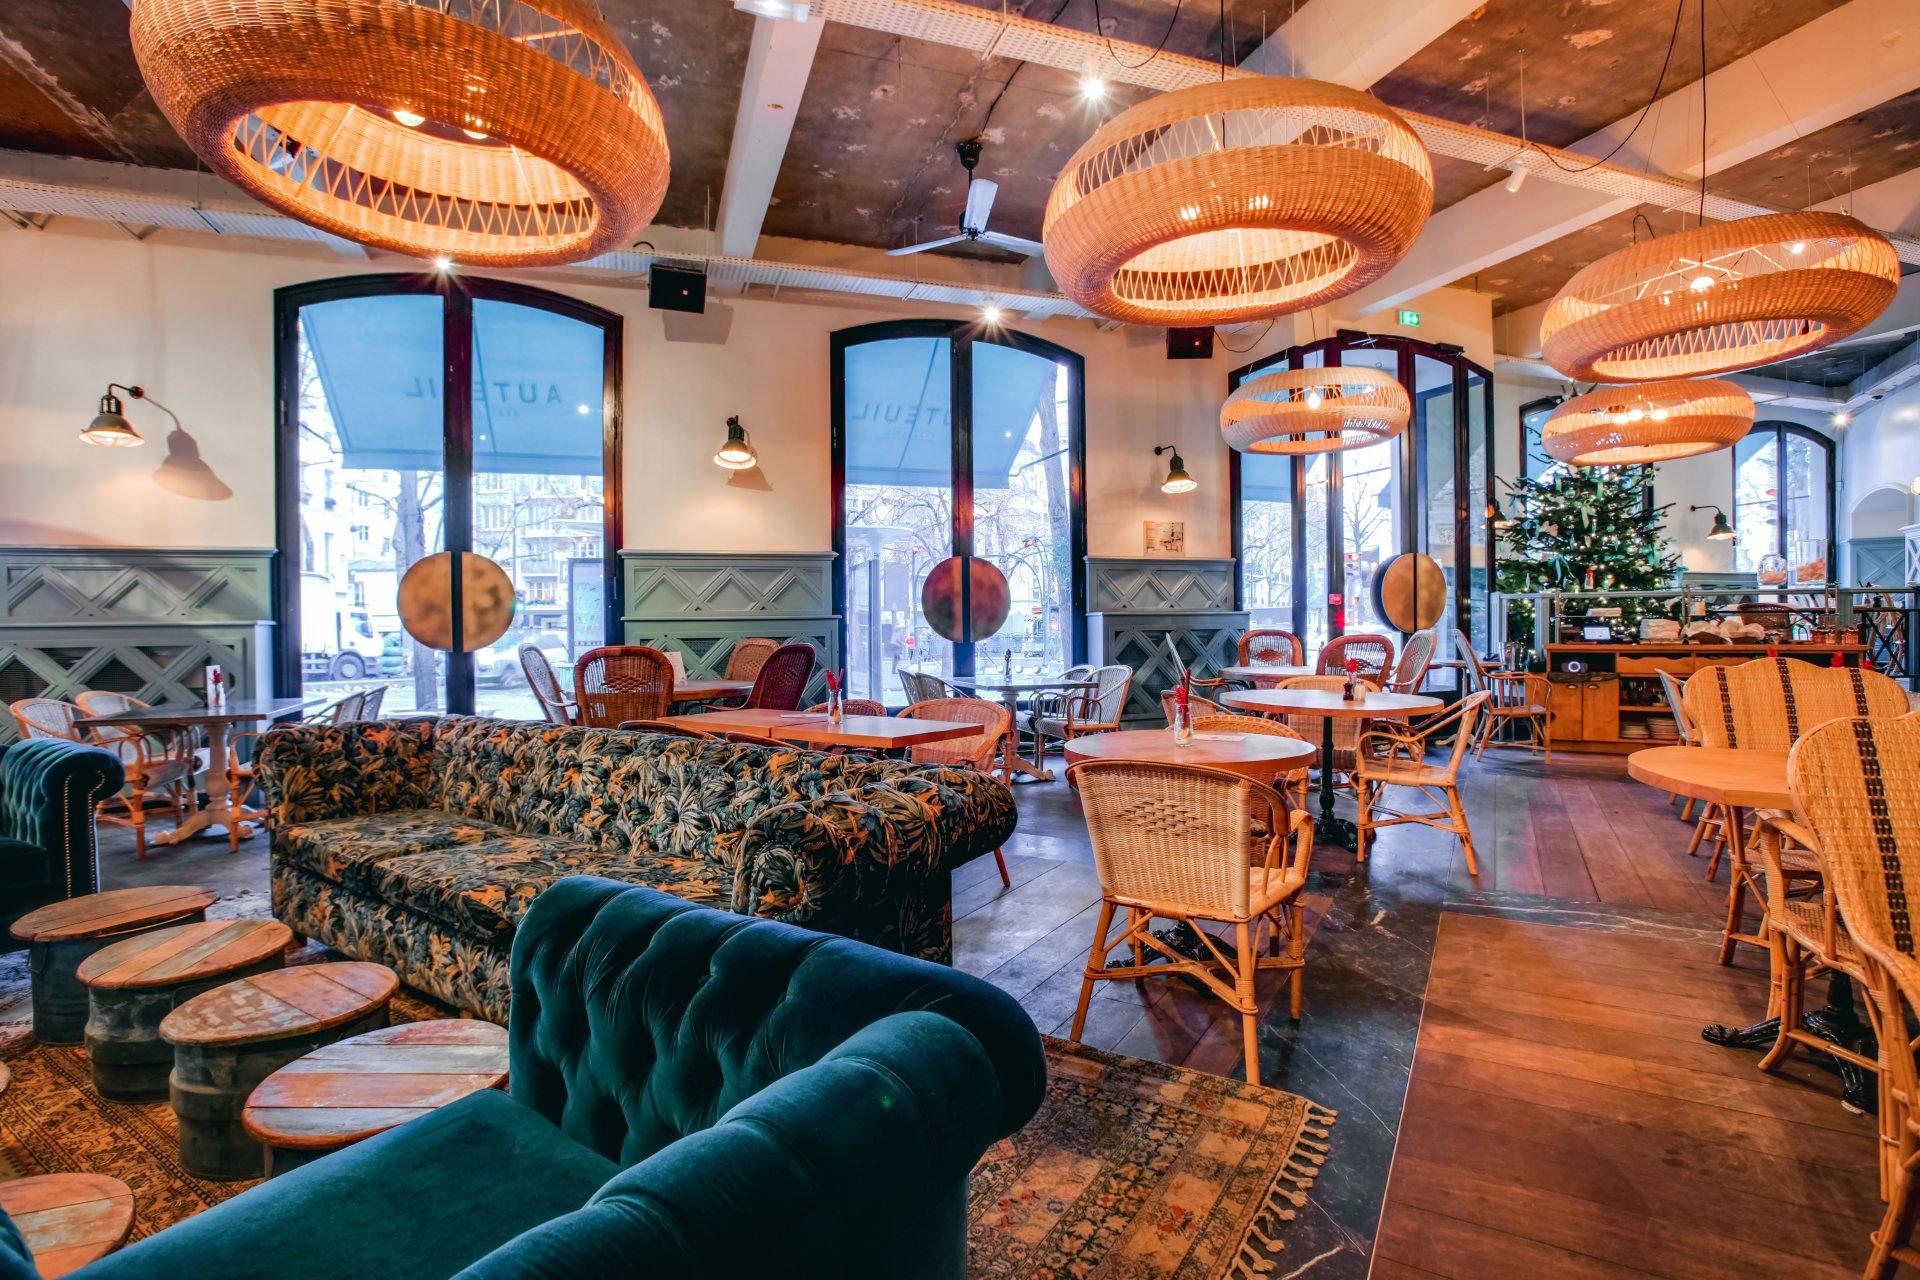 Repas entreprise dans une ambiance contemporaine restaurant groupe Paris 16